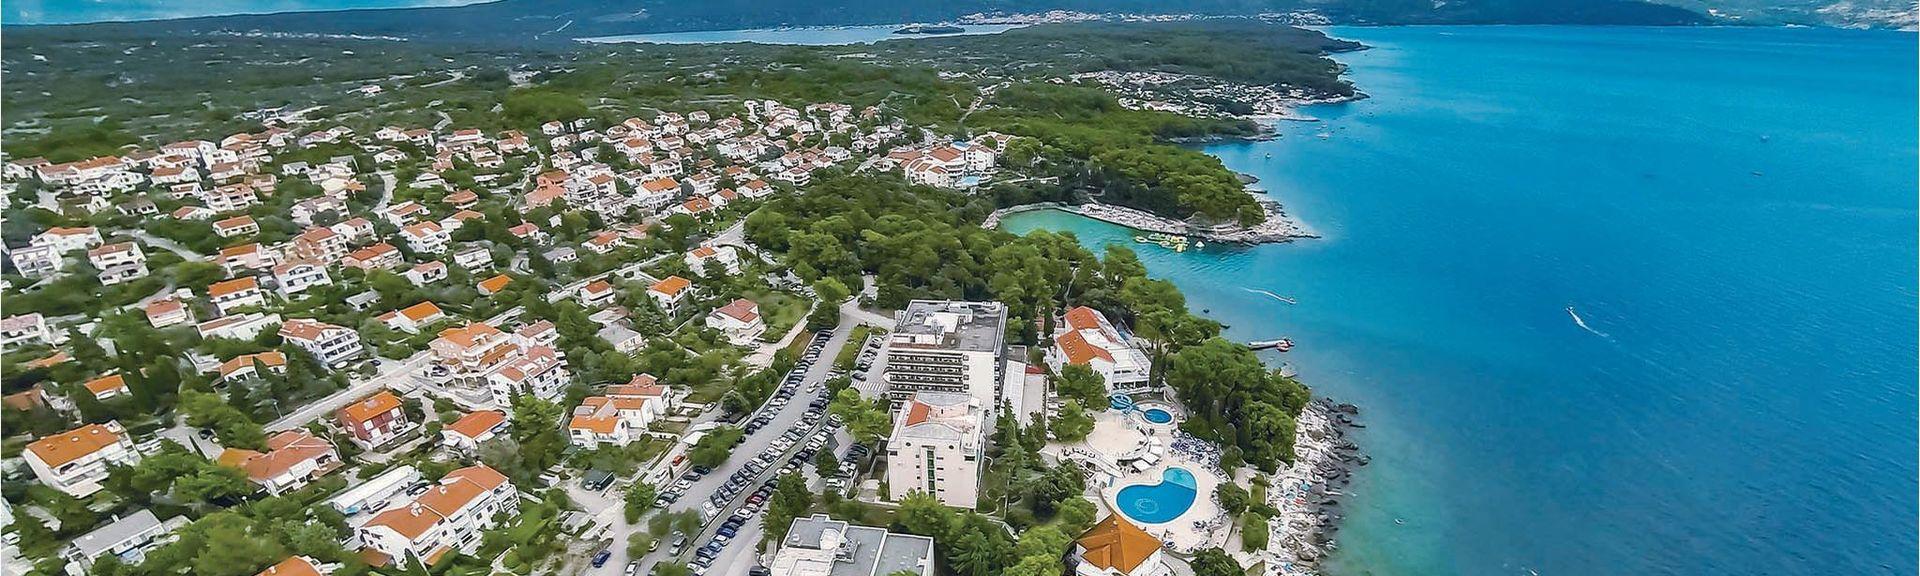 Municipality of Malinska-dubašnica, Croatia